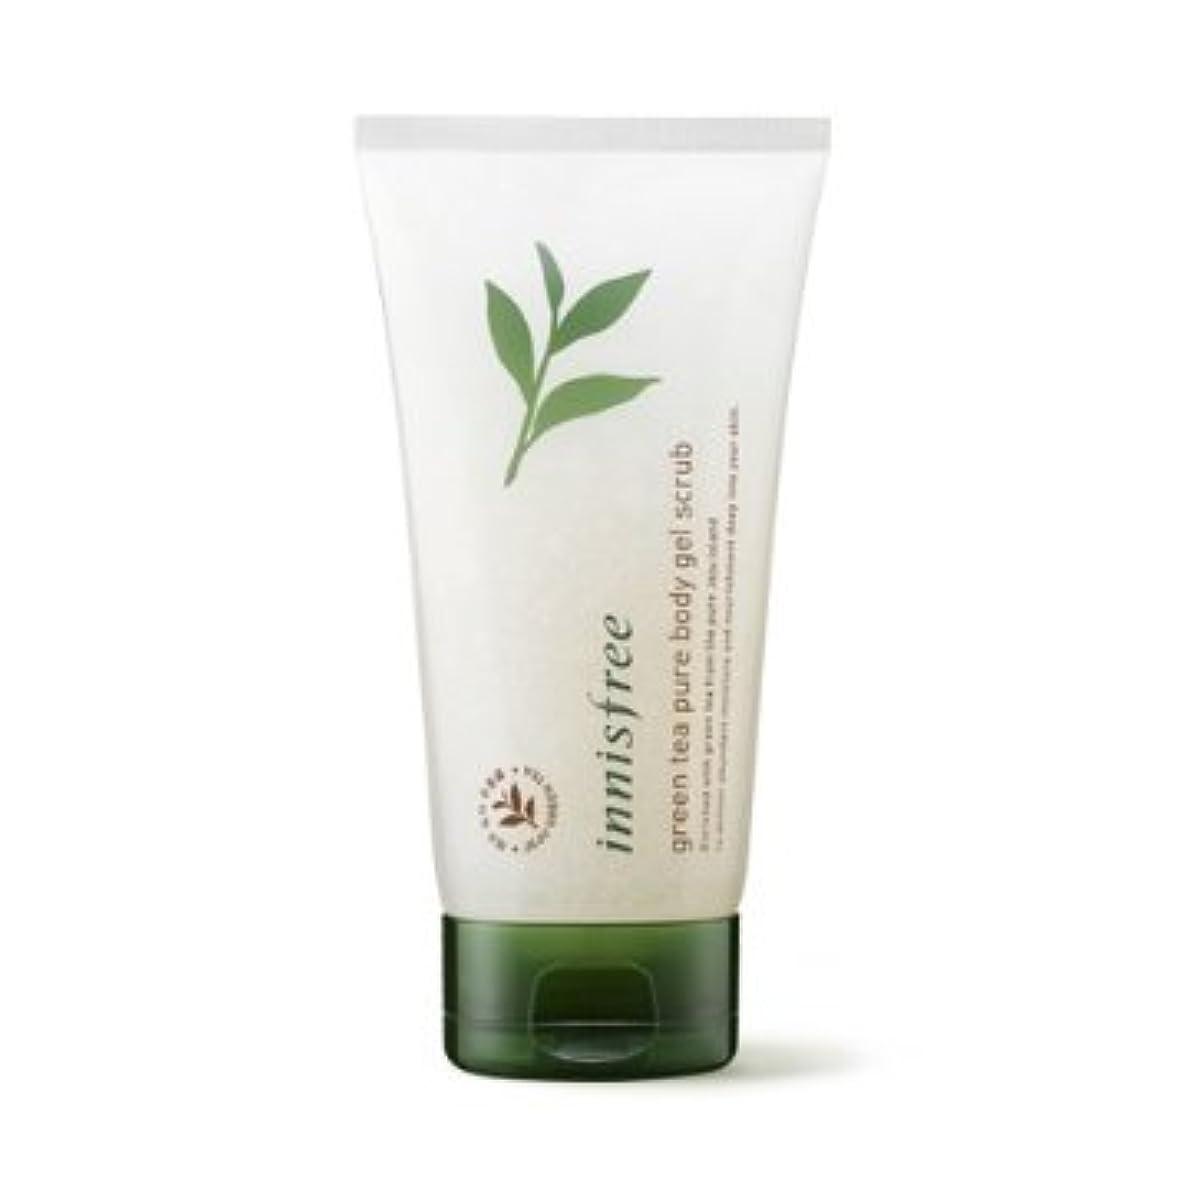 悩み天井マークされた【イニスフリー】Innisfree green tea pure body gel scrub - 150ml (韓国直送品) (SHOPPINGINSTAGRAM)